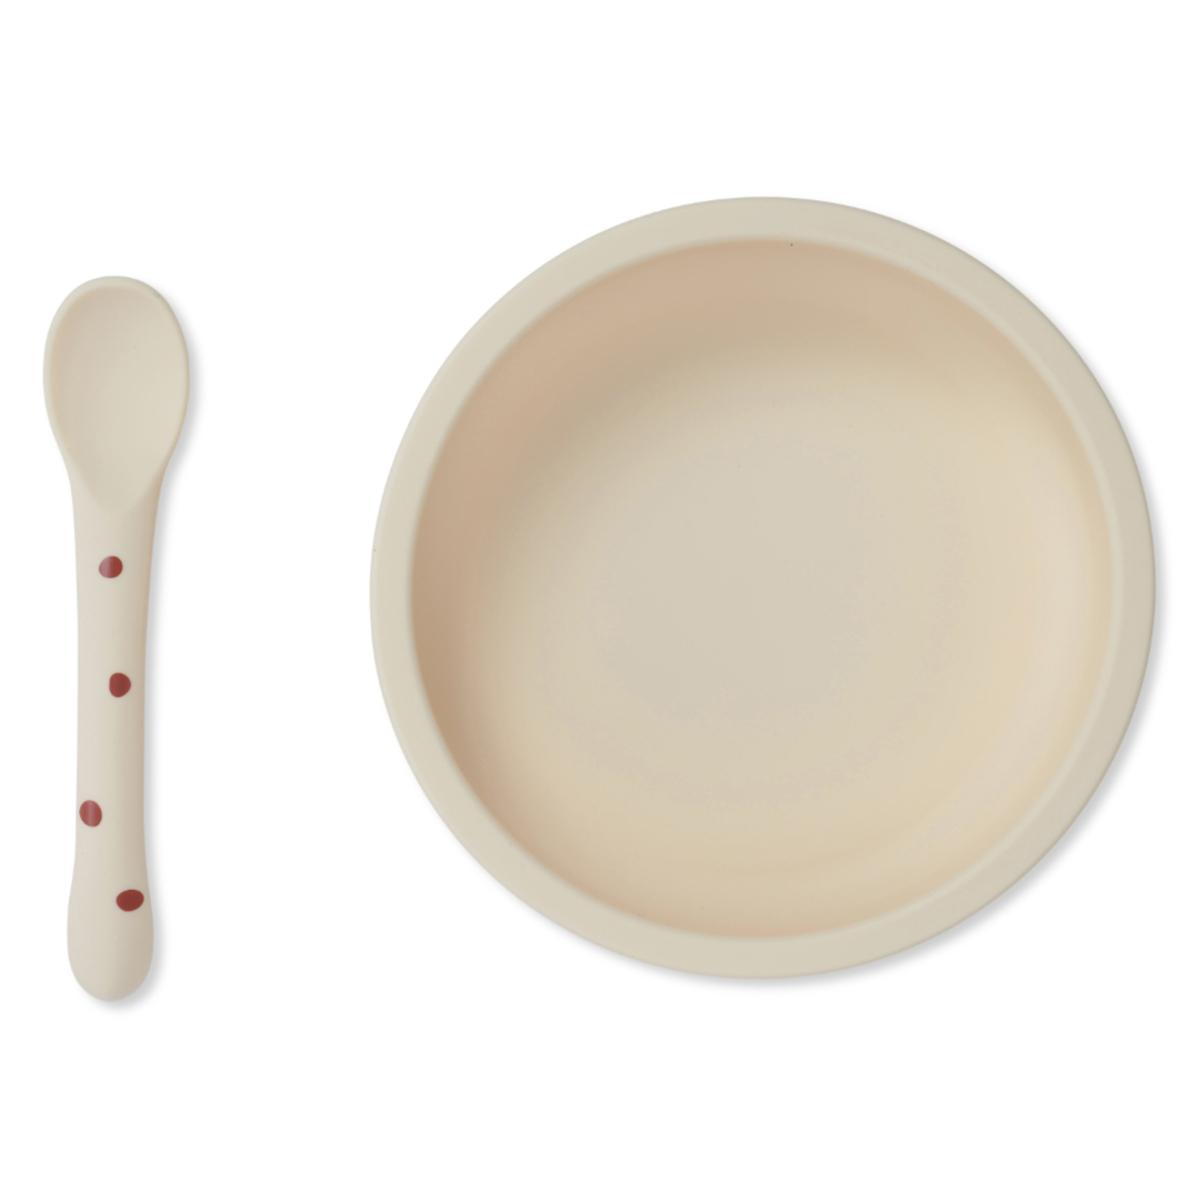 Coffret repas Set Repas en Silicone Antidérapant 2 Pièces - Raspberry & Red Dot Set Repas en Silicone Antidérapant 2 Pièces - Raspberry & Red Dot